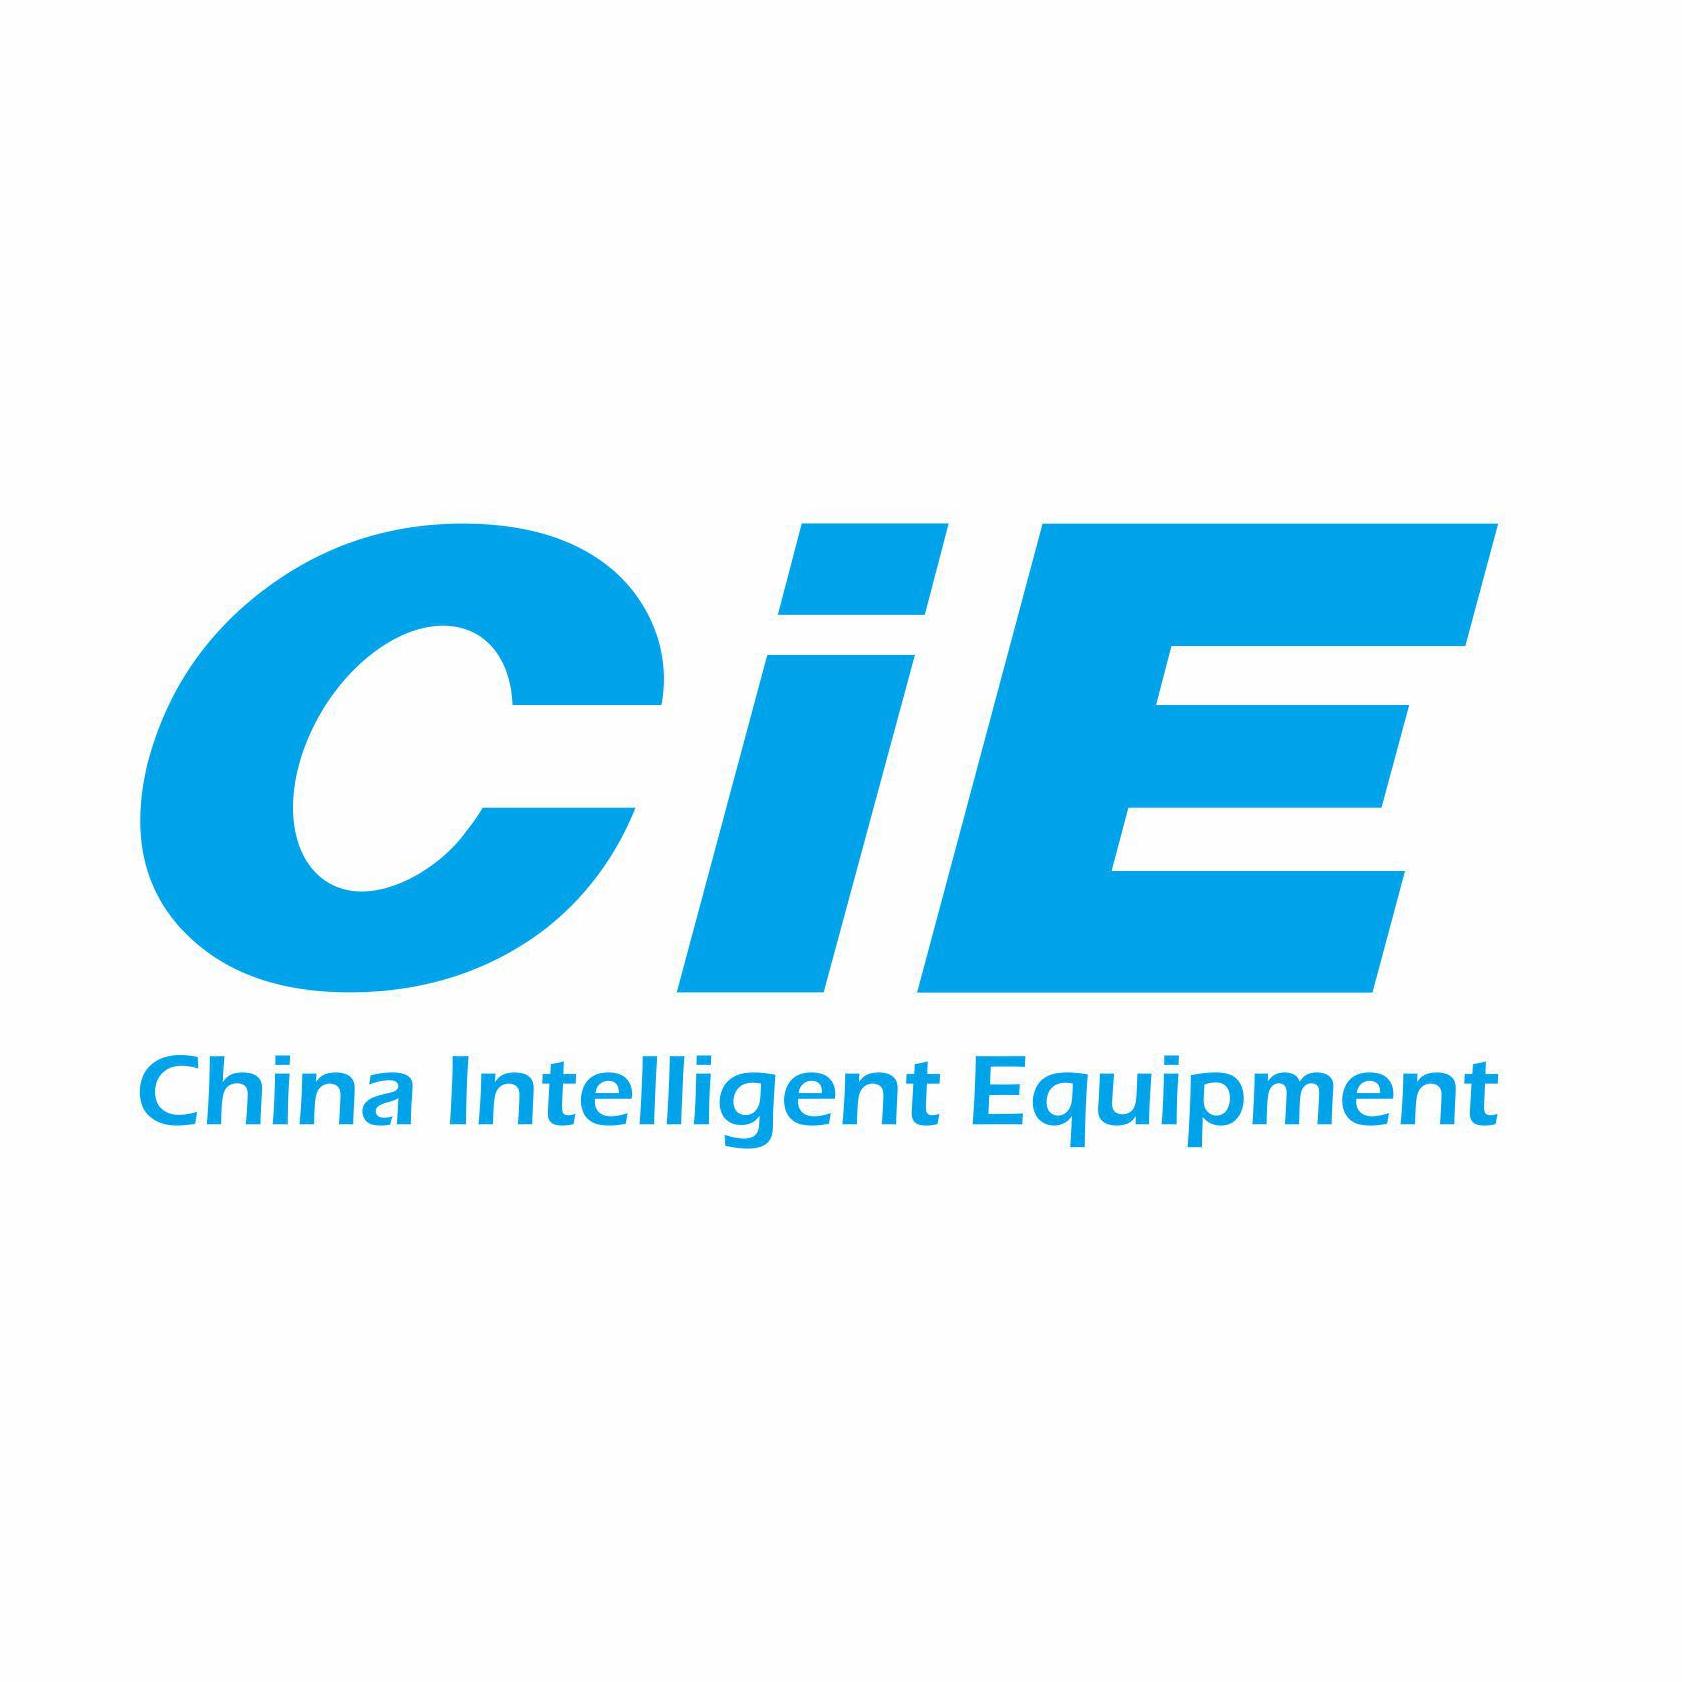 深圳市驭智装备技术有限公司